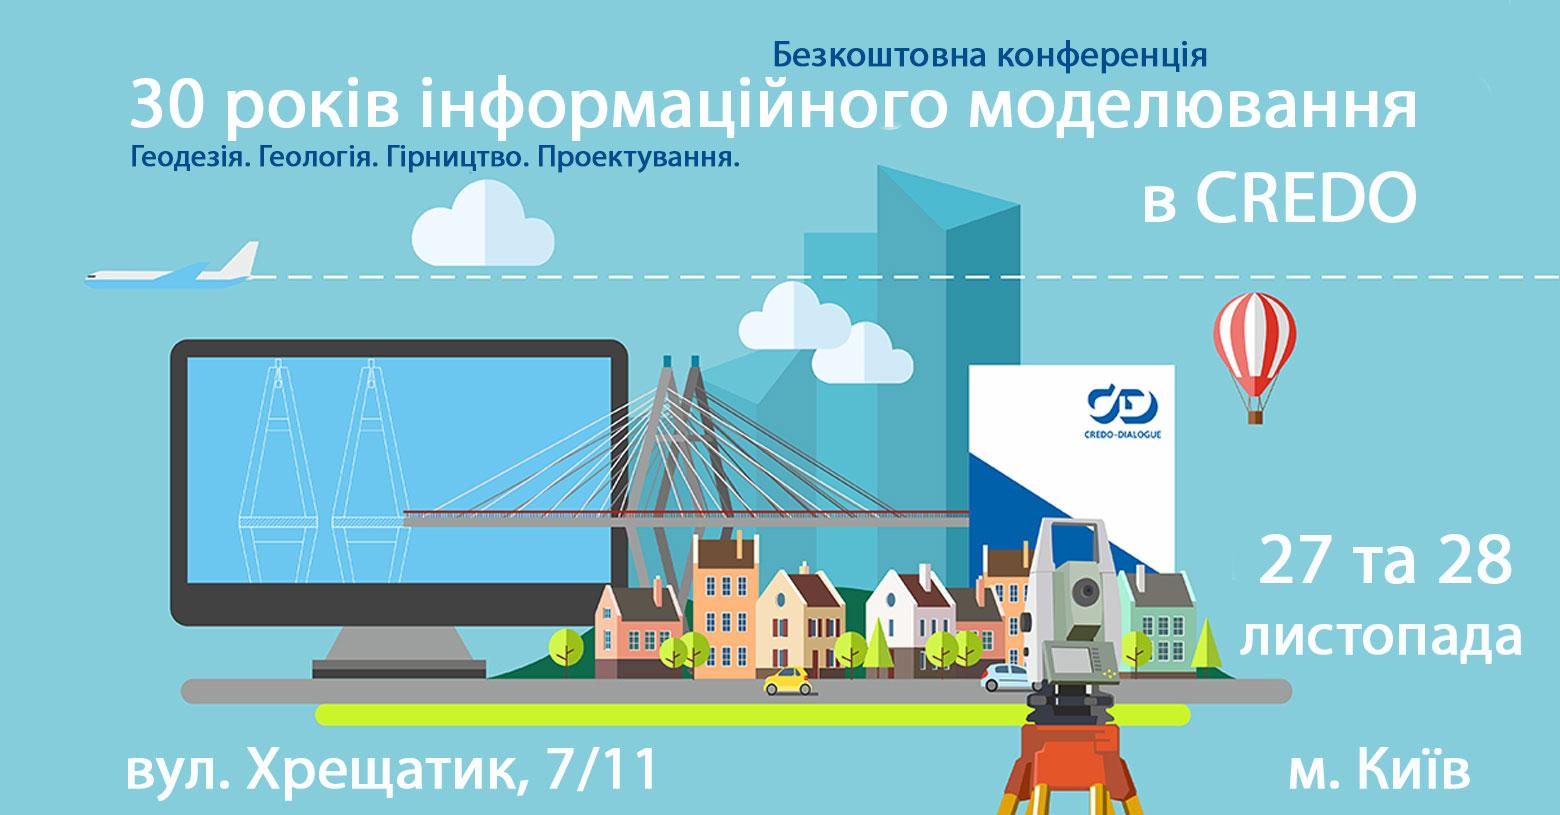 CREDO-DIALOGUE в Україні